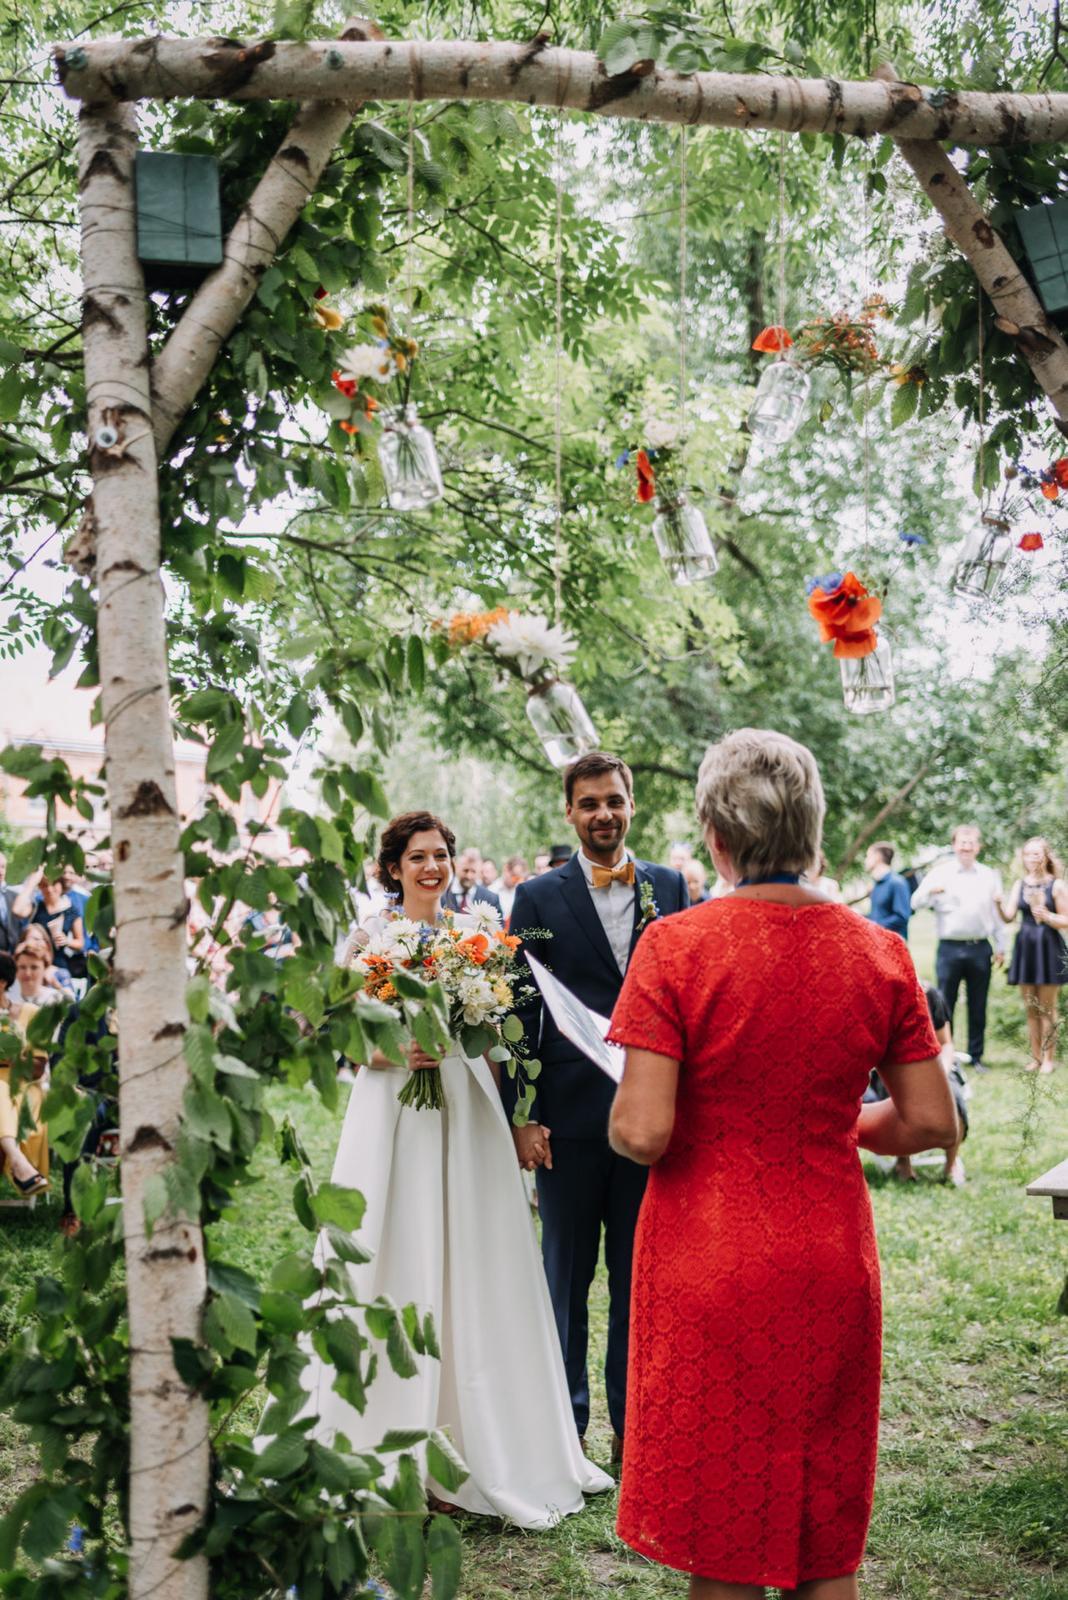 Kravaty, Motýlky a kšandy na svatbě - Obrázek č. 19